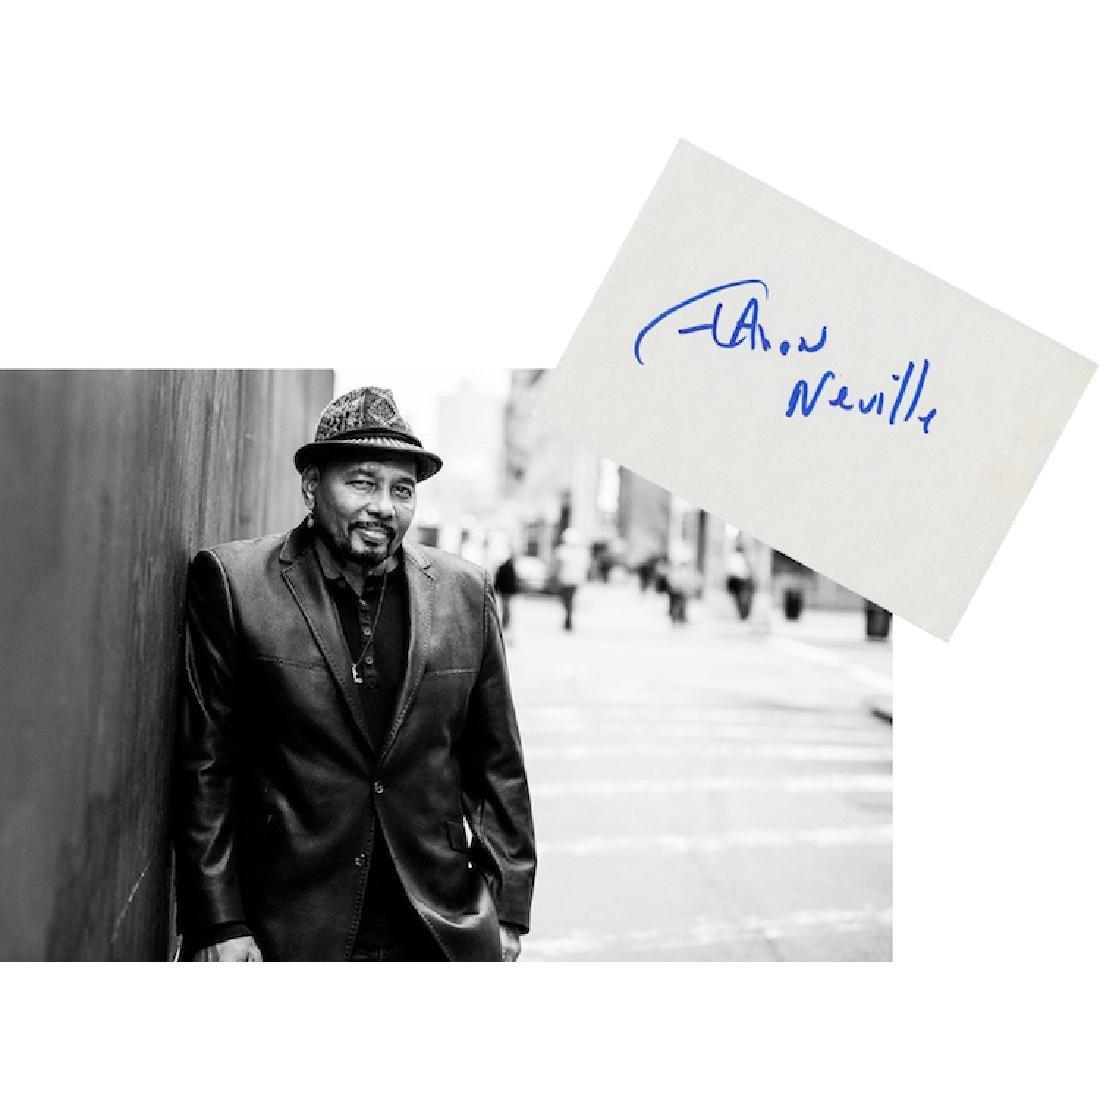 Aaron Neville Autograph